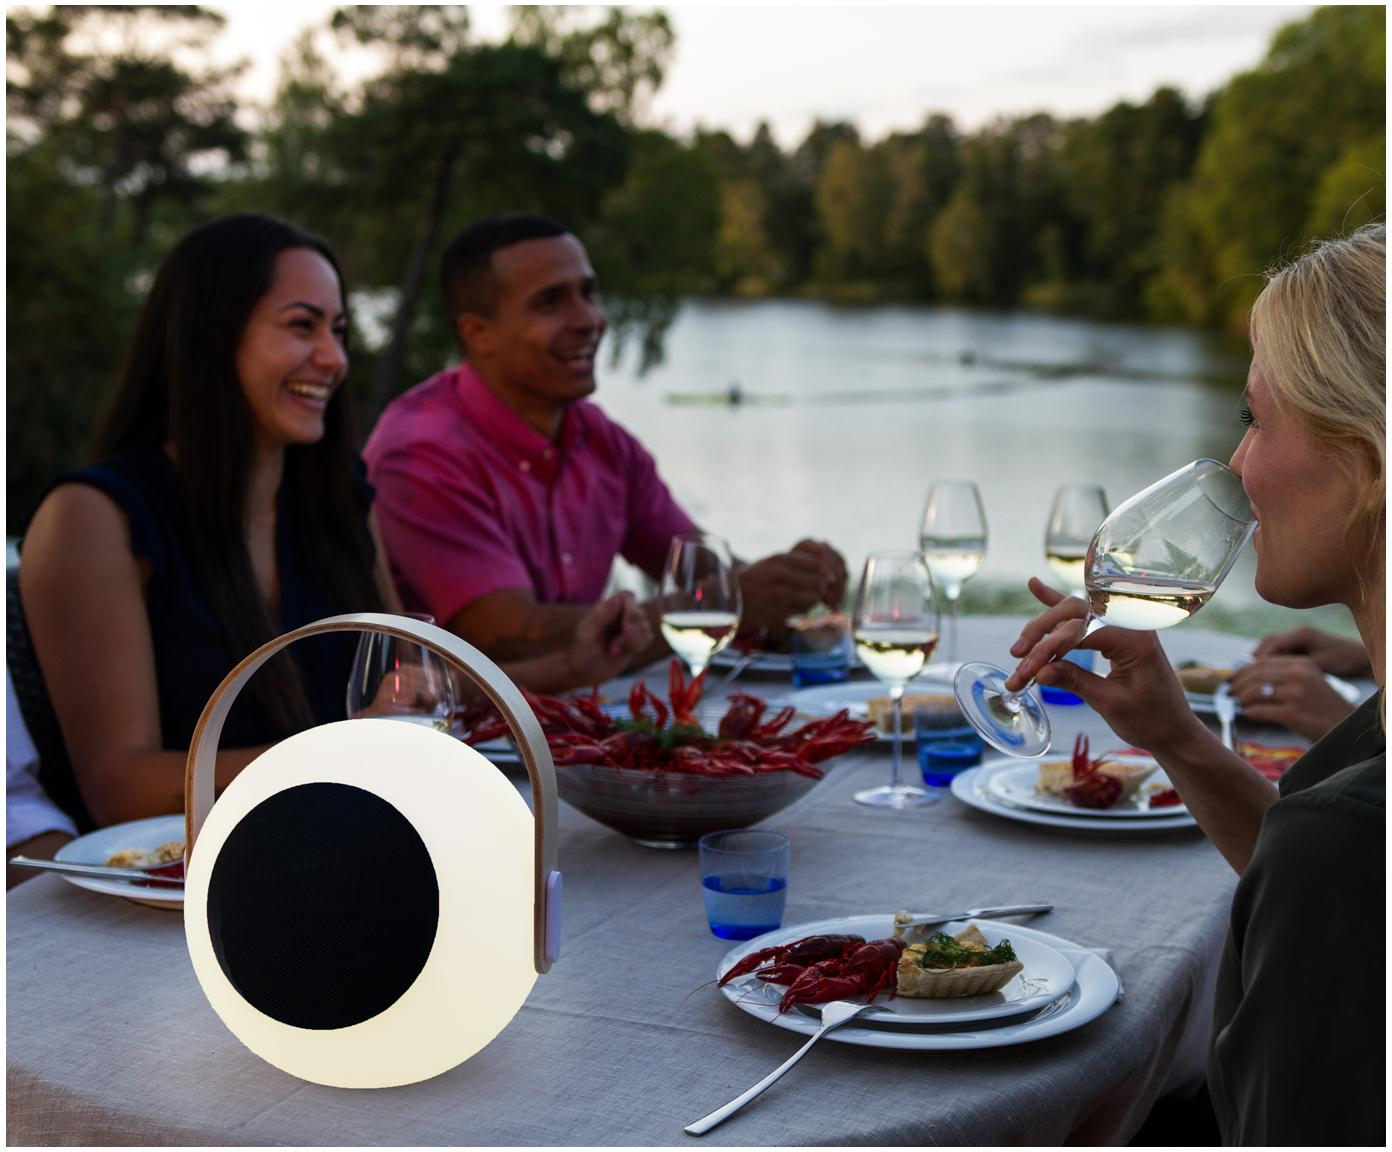 Mobile LED Aussenleuchte mit Lautsprecher Eye, Lampenschirm: Kunststoff (LDPD), Griff: Ulmenholz mit Birkenfurni, Weiss, Hellbraun, Ø 24 x H 28 cm